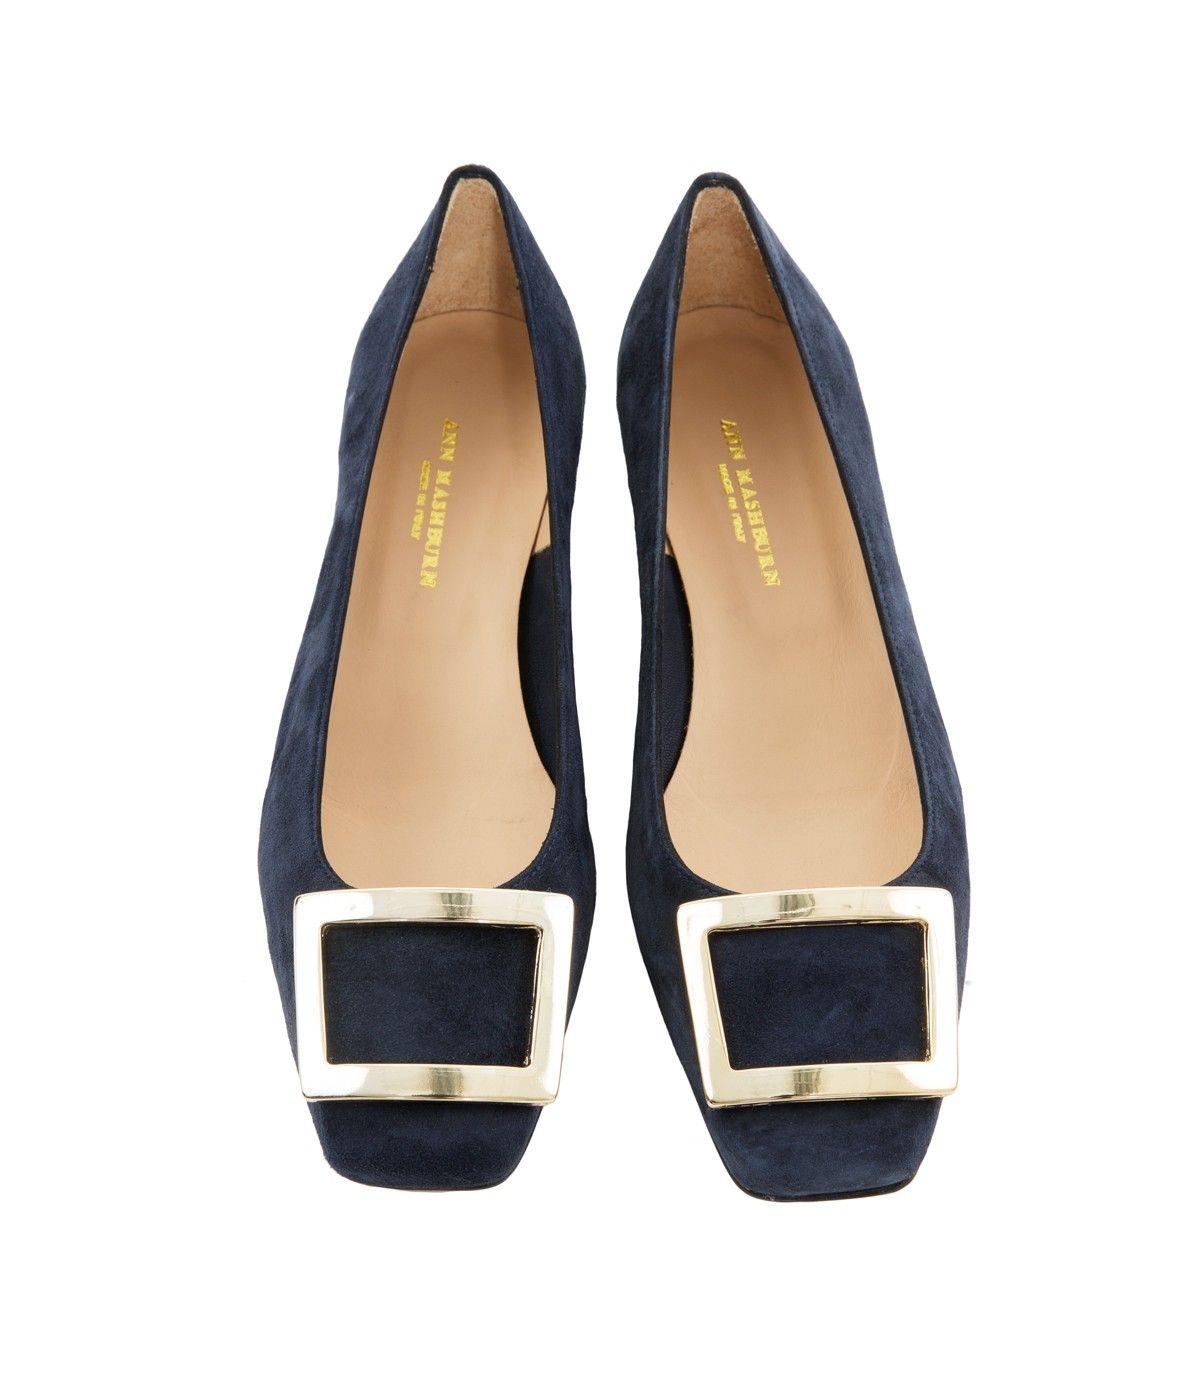 Ann Mashburn Buckle Shoe / AnnMashburn